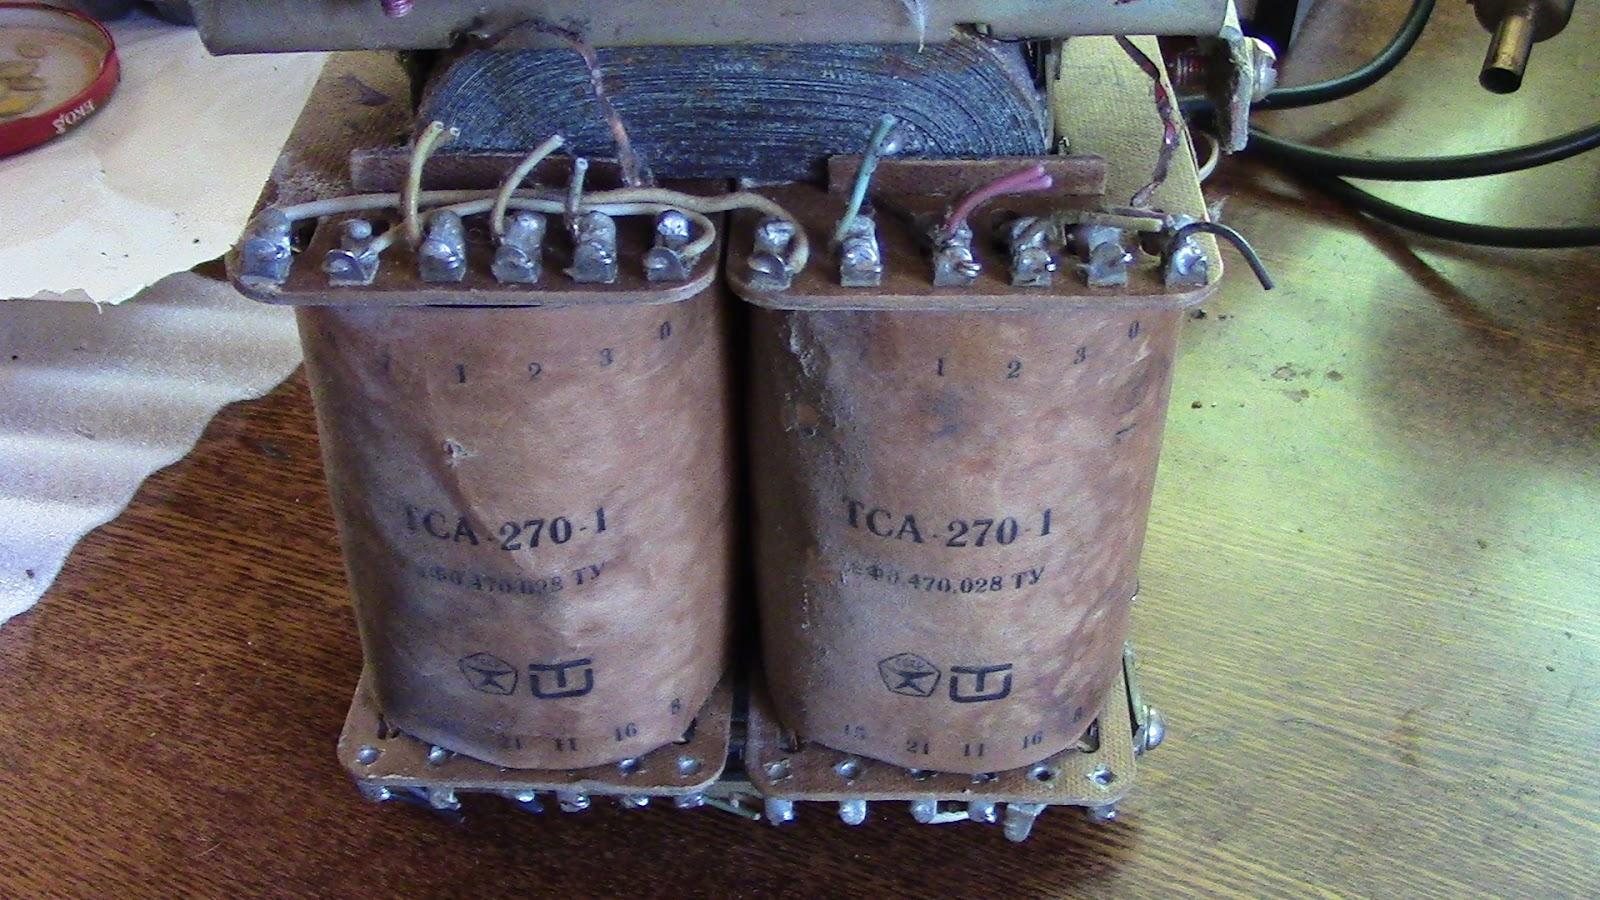 Трансформатор тса-270-1 схема выводов